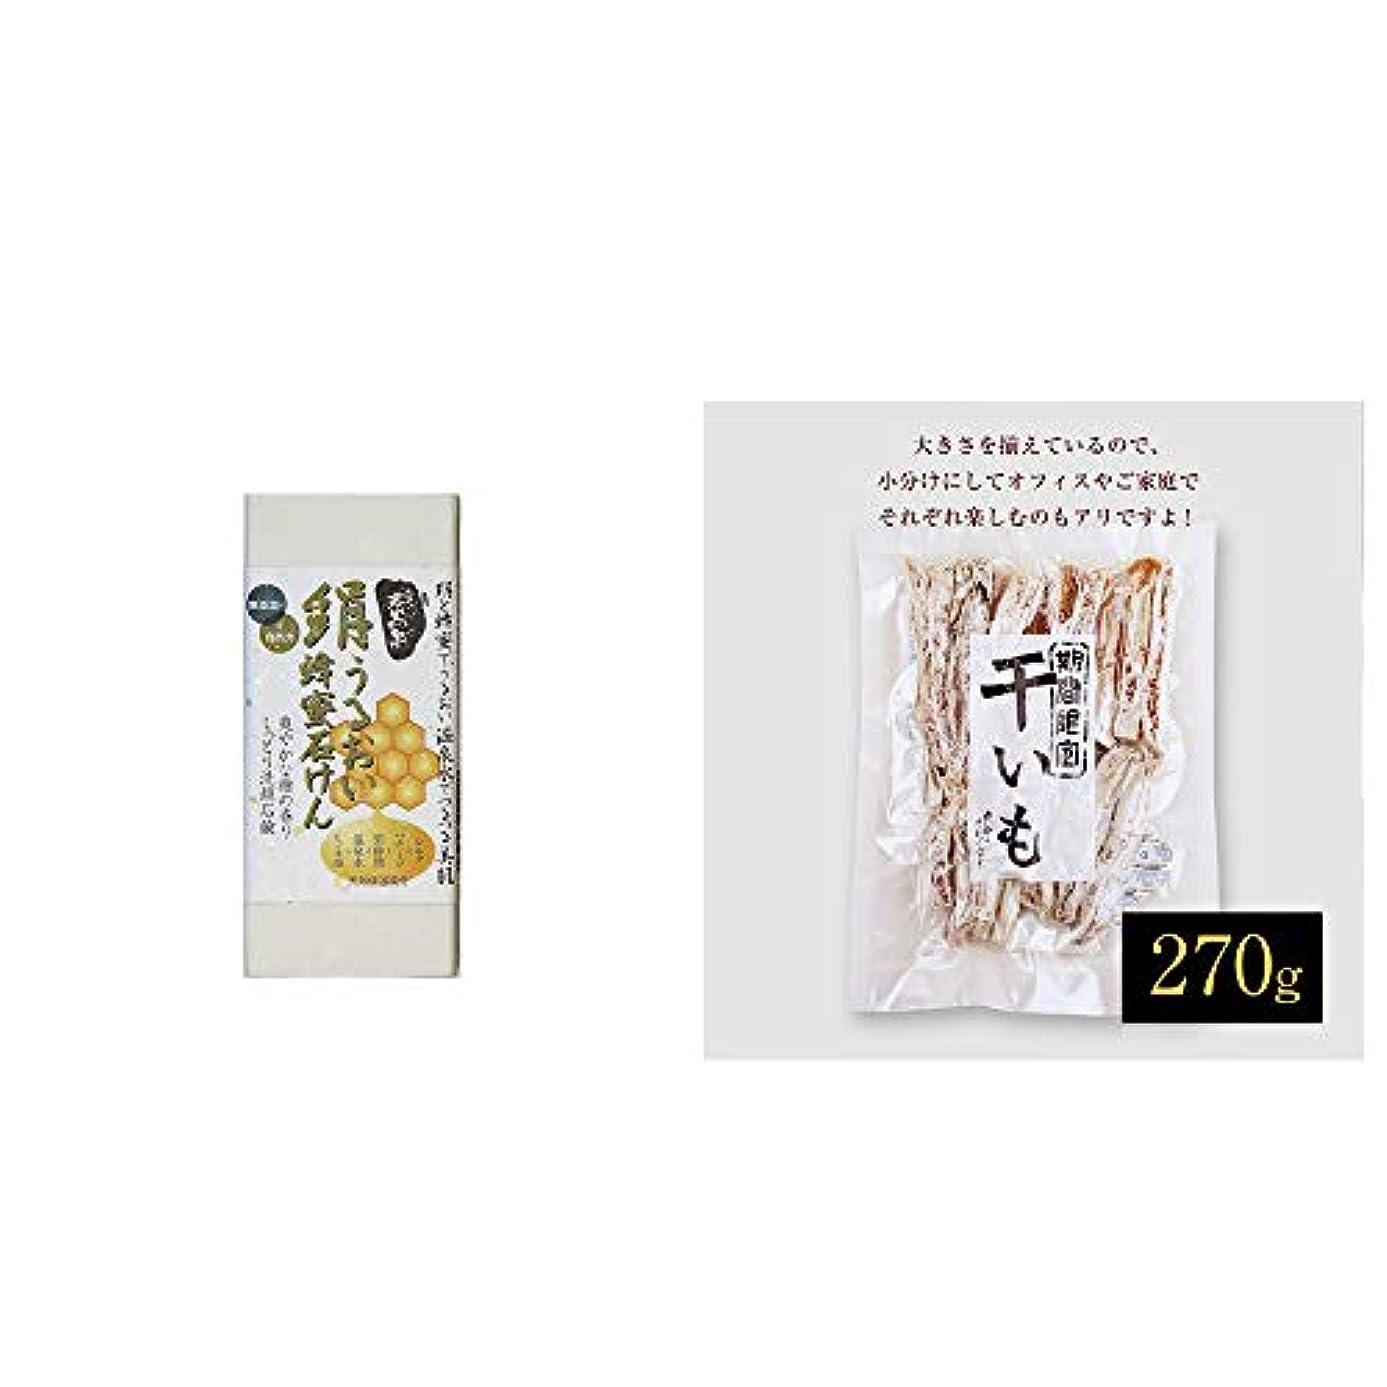 インチ衝撃ベーコン[2点セット] ひのき炭黒泉 絹うるおい蜂蜜石けん(75g×2)?干いも(270g)